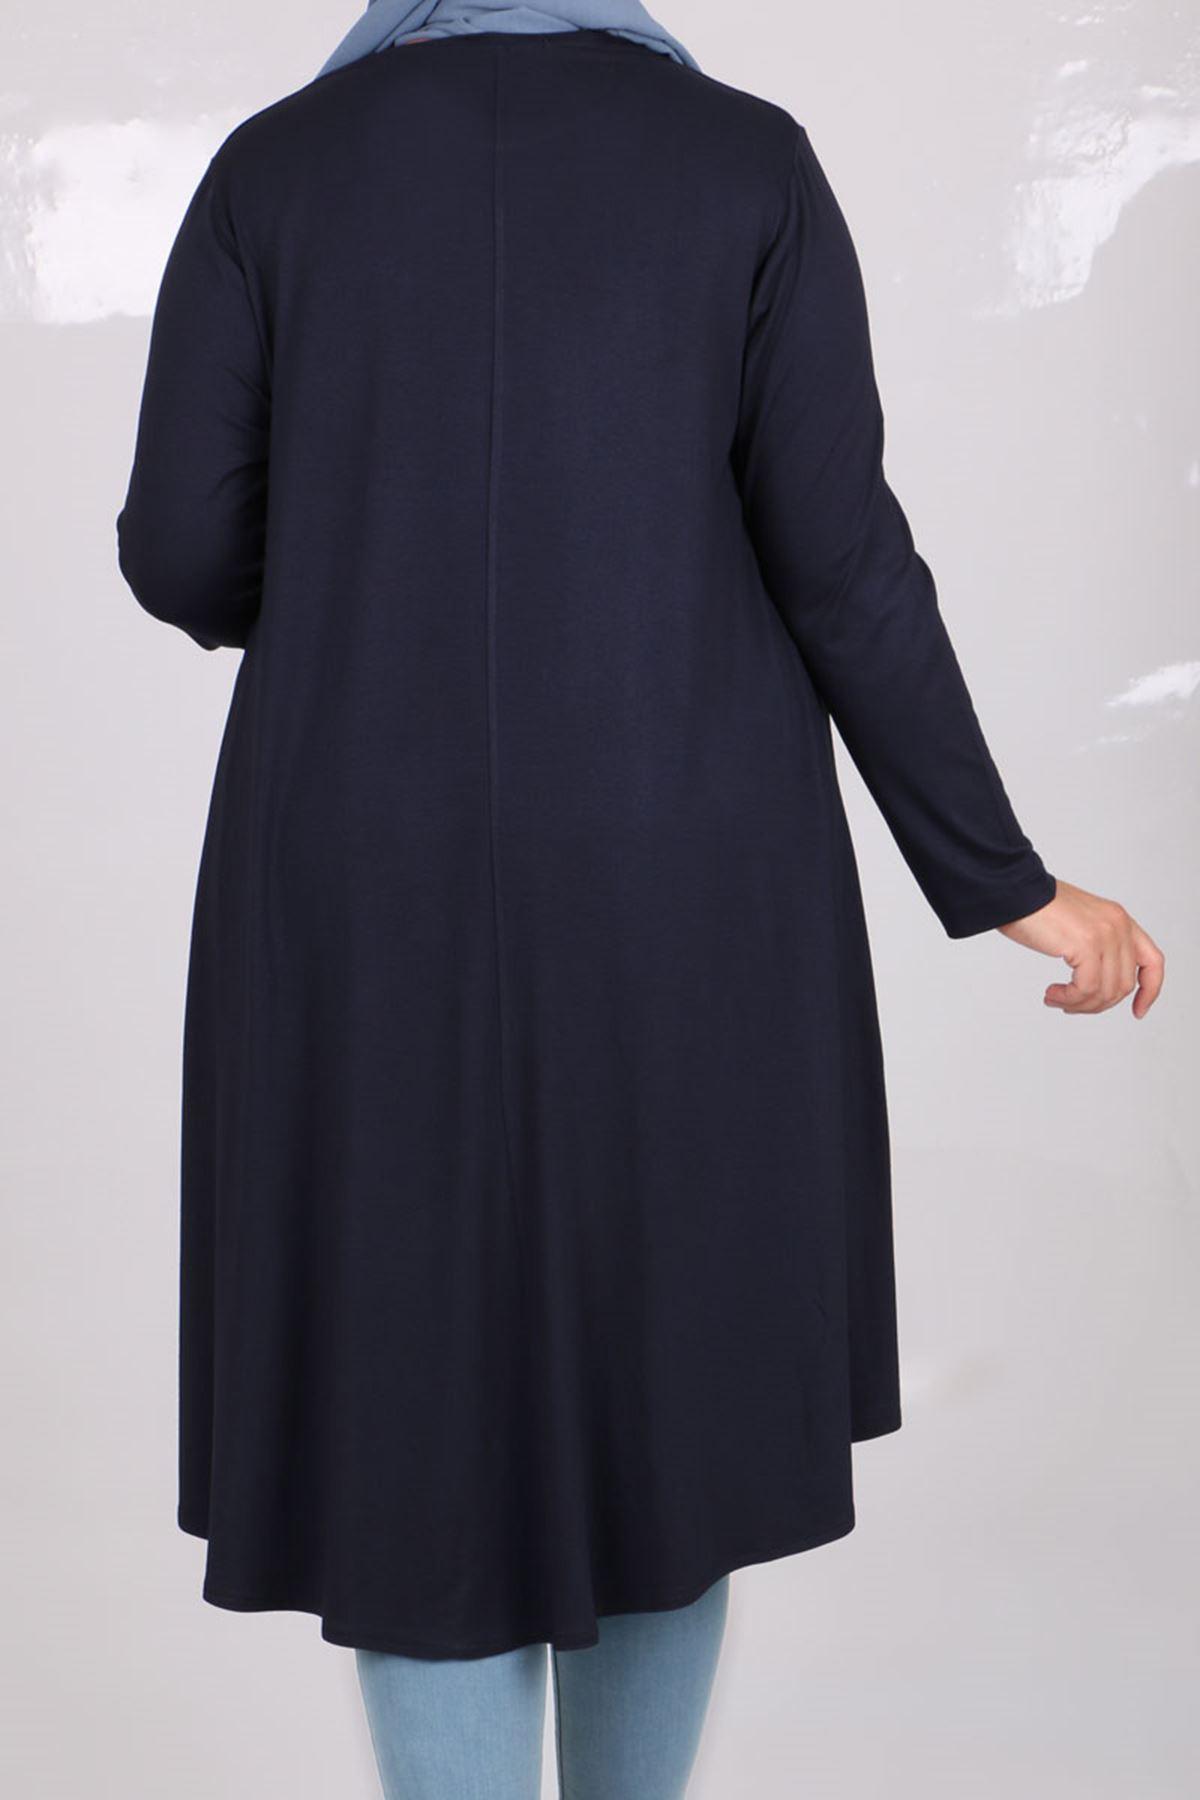 8163 Oversize Tunic- Navy blue